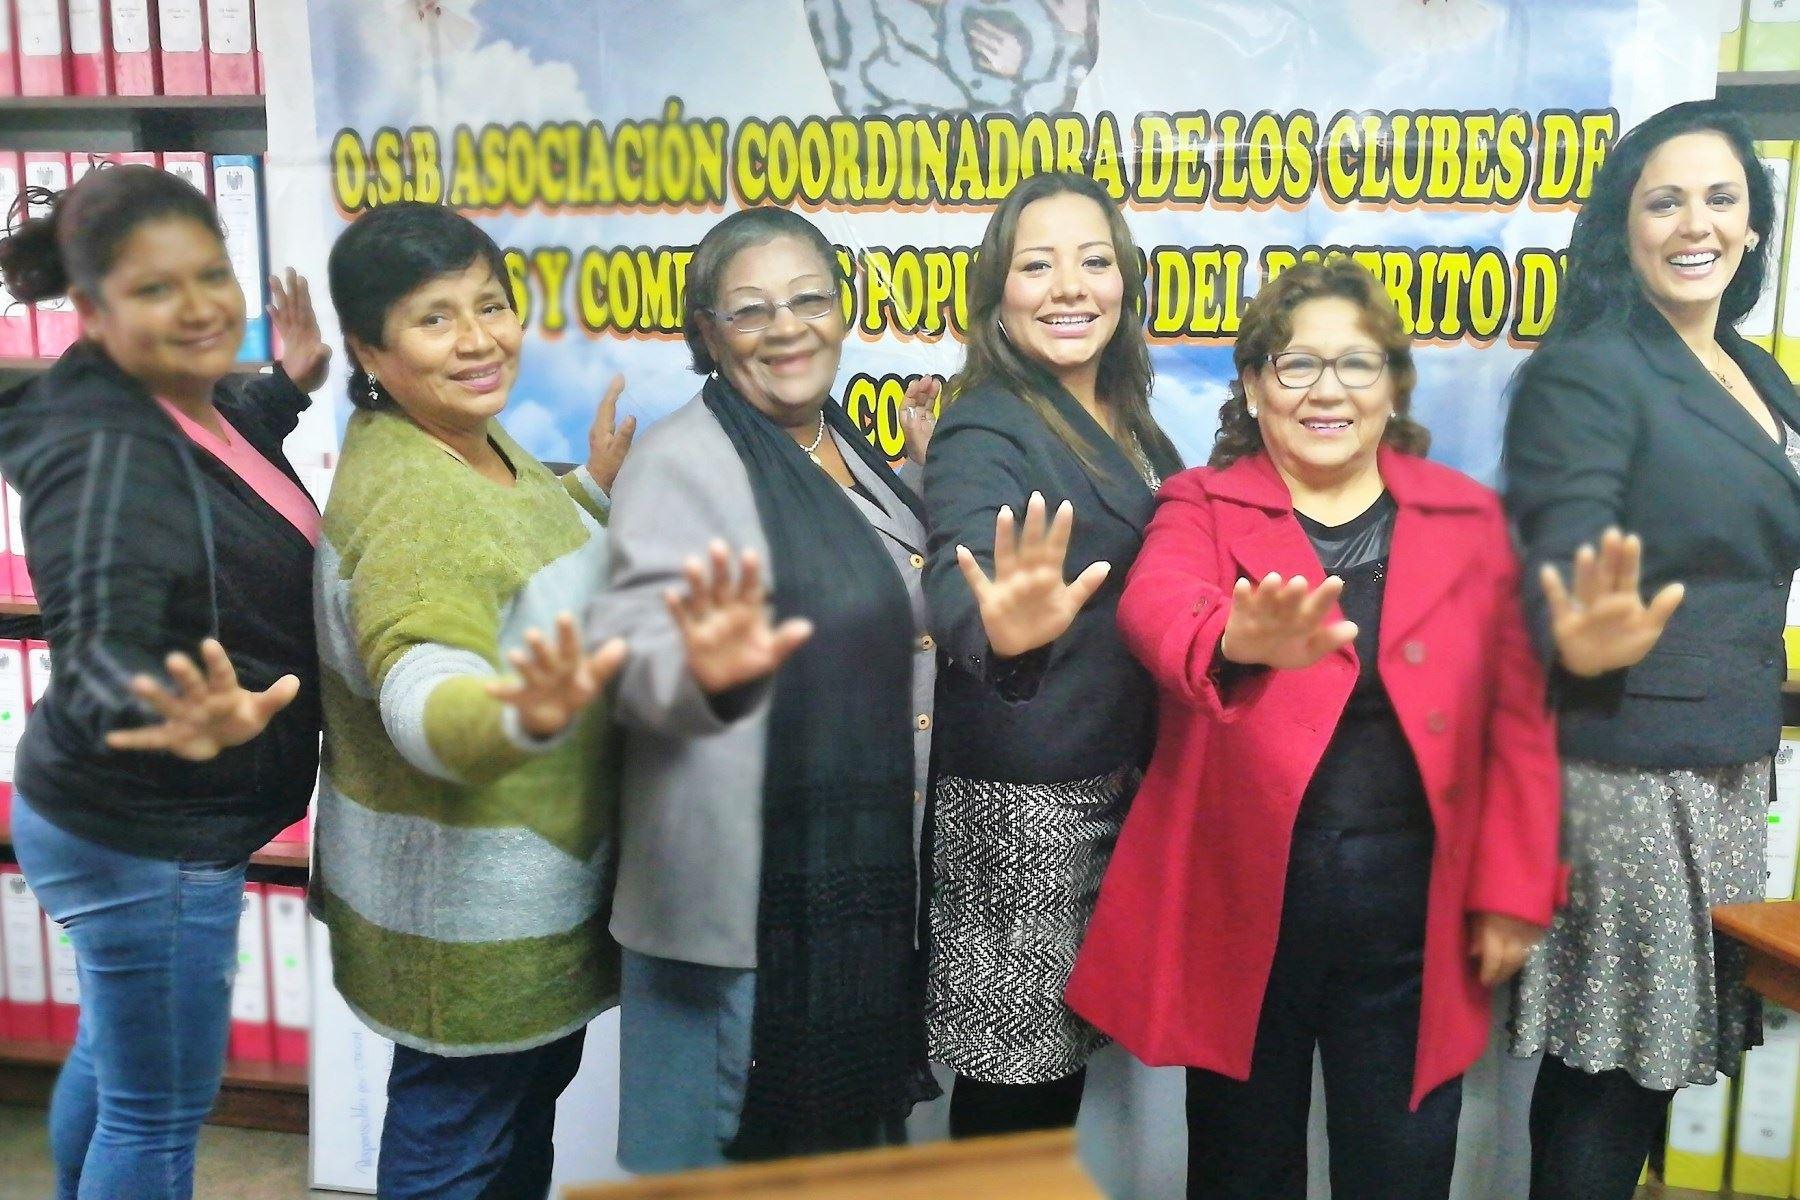 Mujeres de comedores populares se capacitarán para mejorar su autoestima. Foto: ANDINA/Difusión.